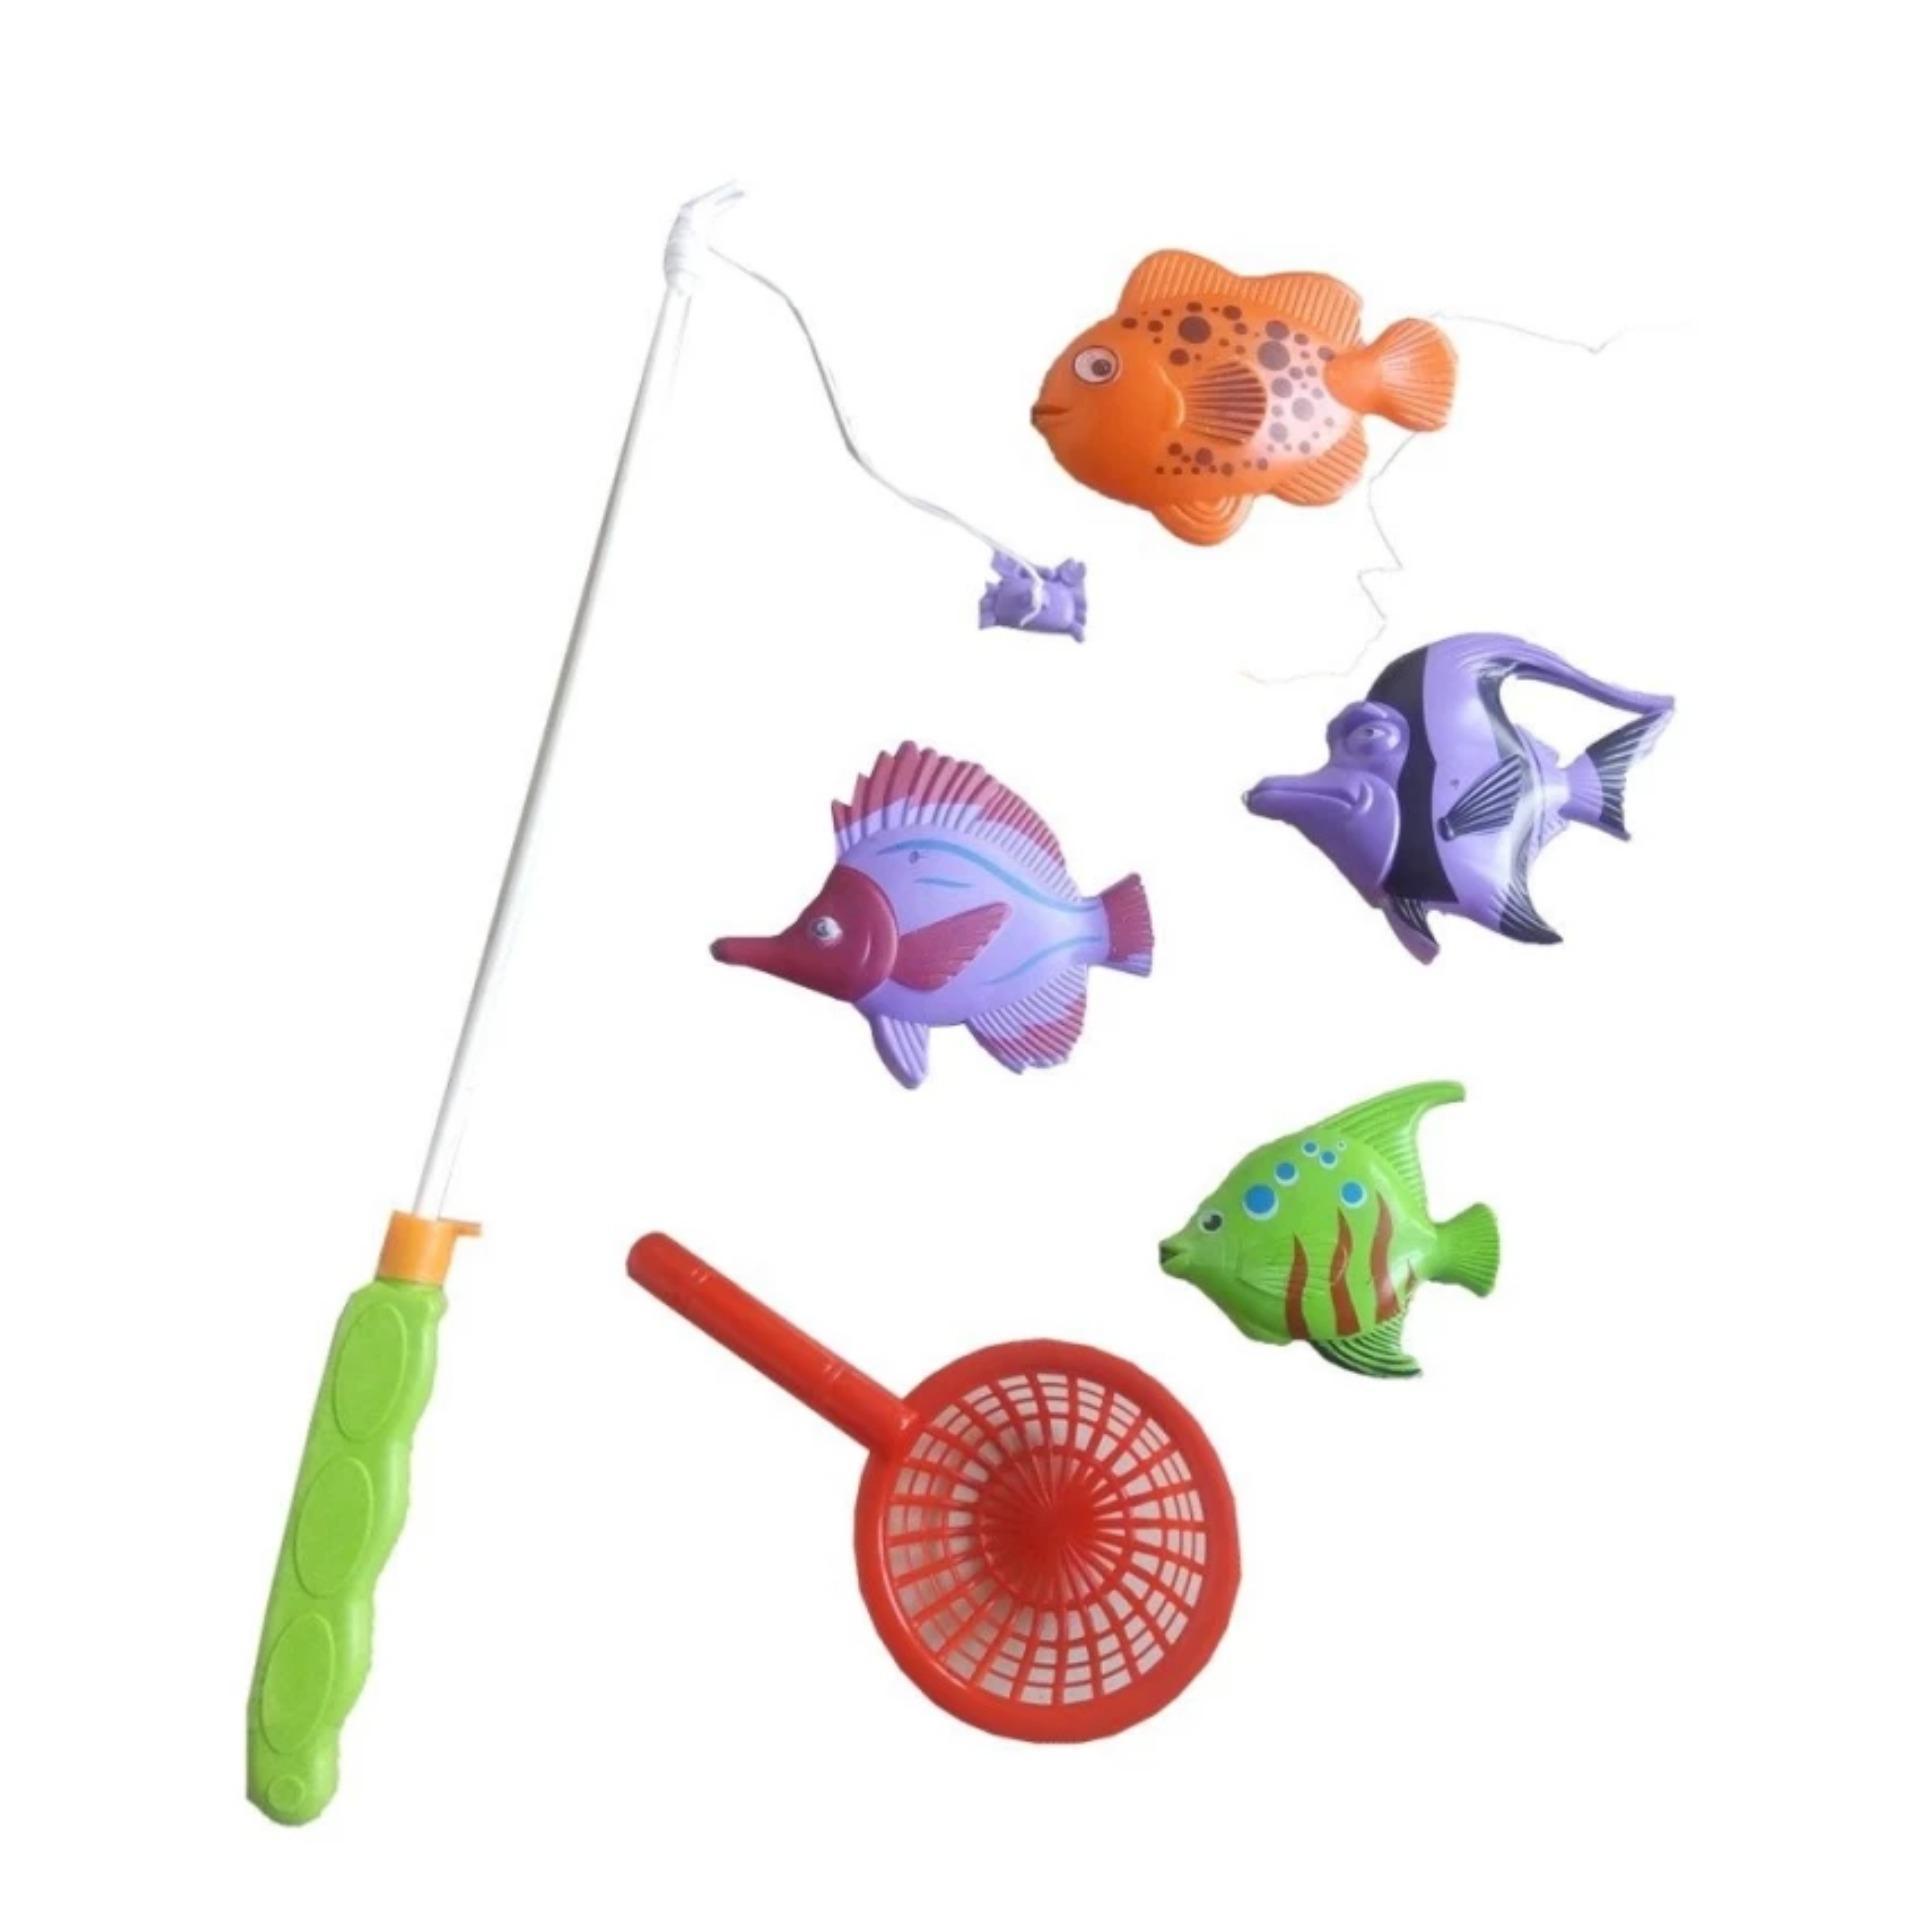 Pancingan + Ikan Mainan Anak (OCT3108AB)              (2)   Tulis ulasan